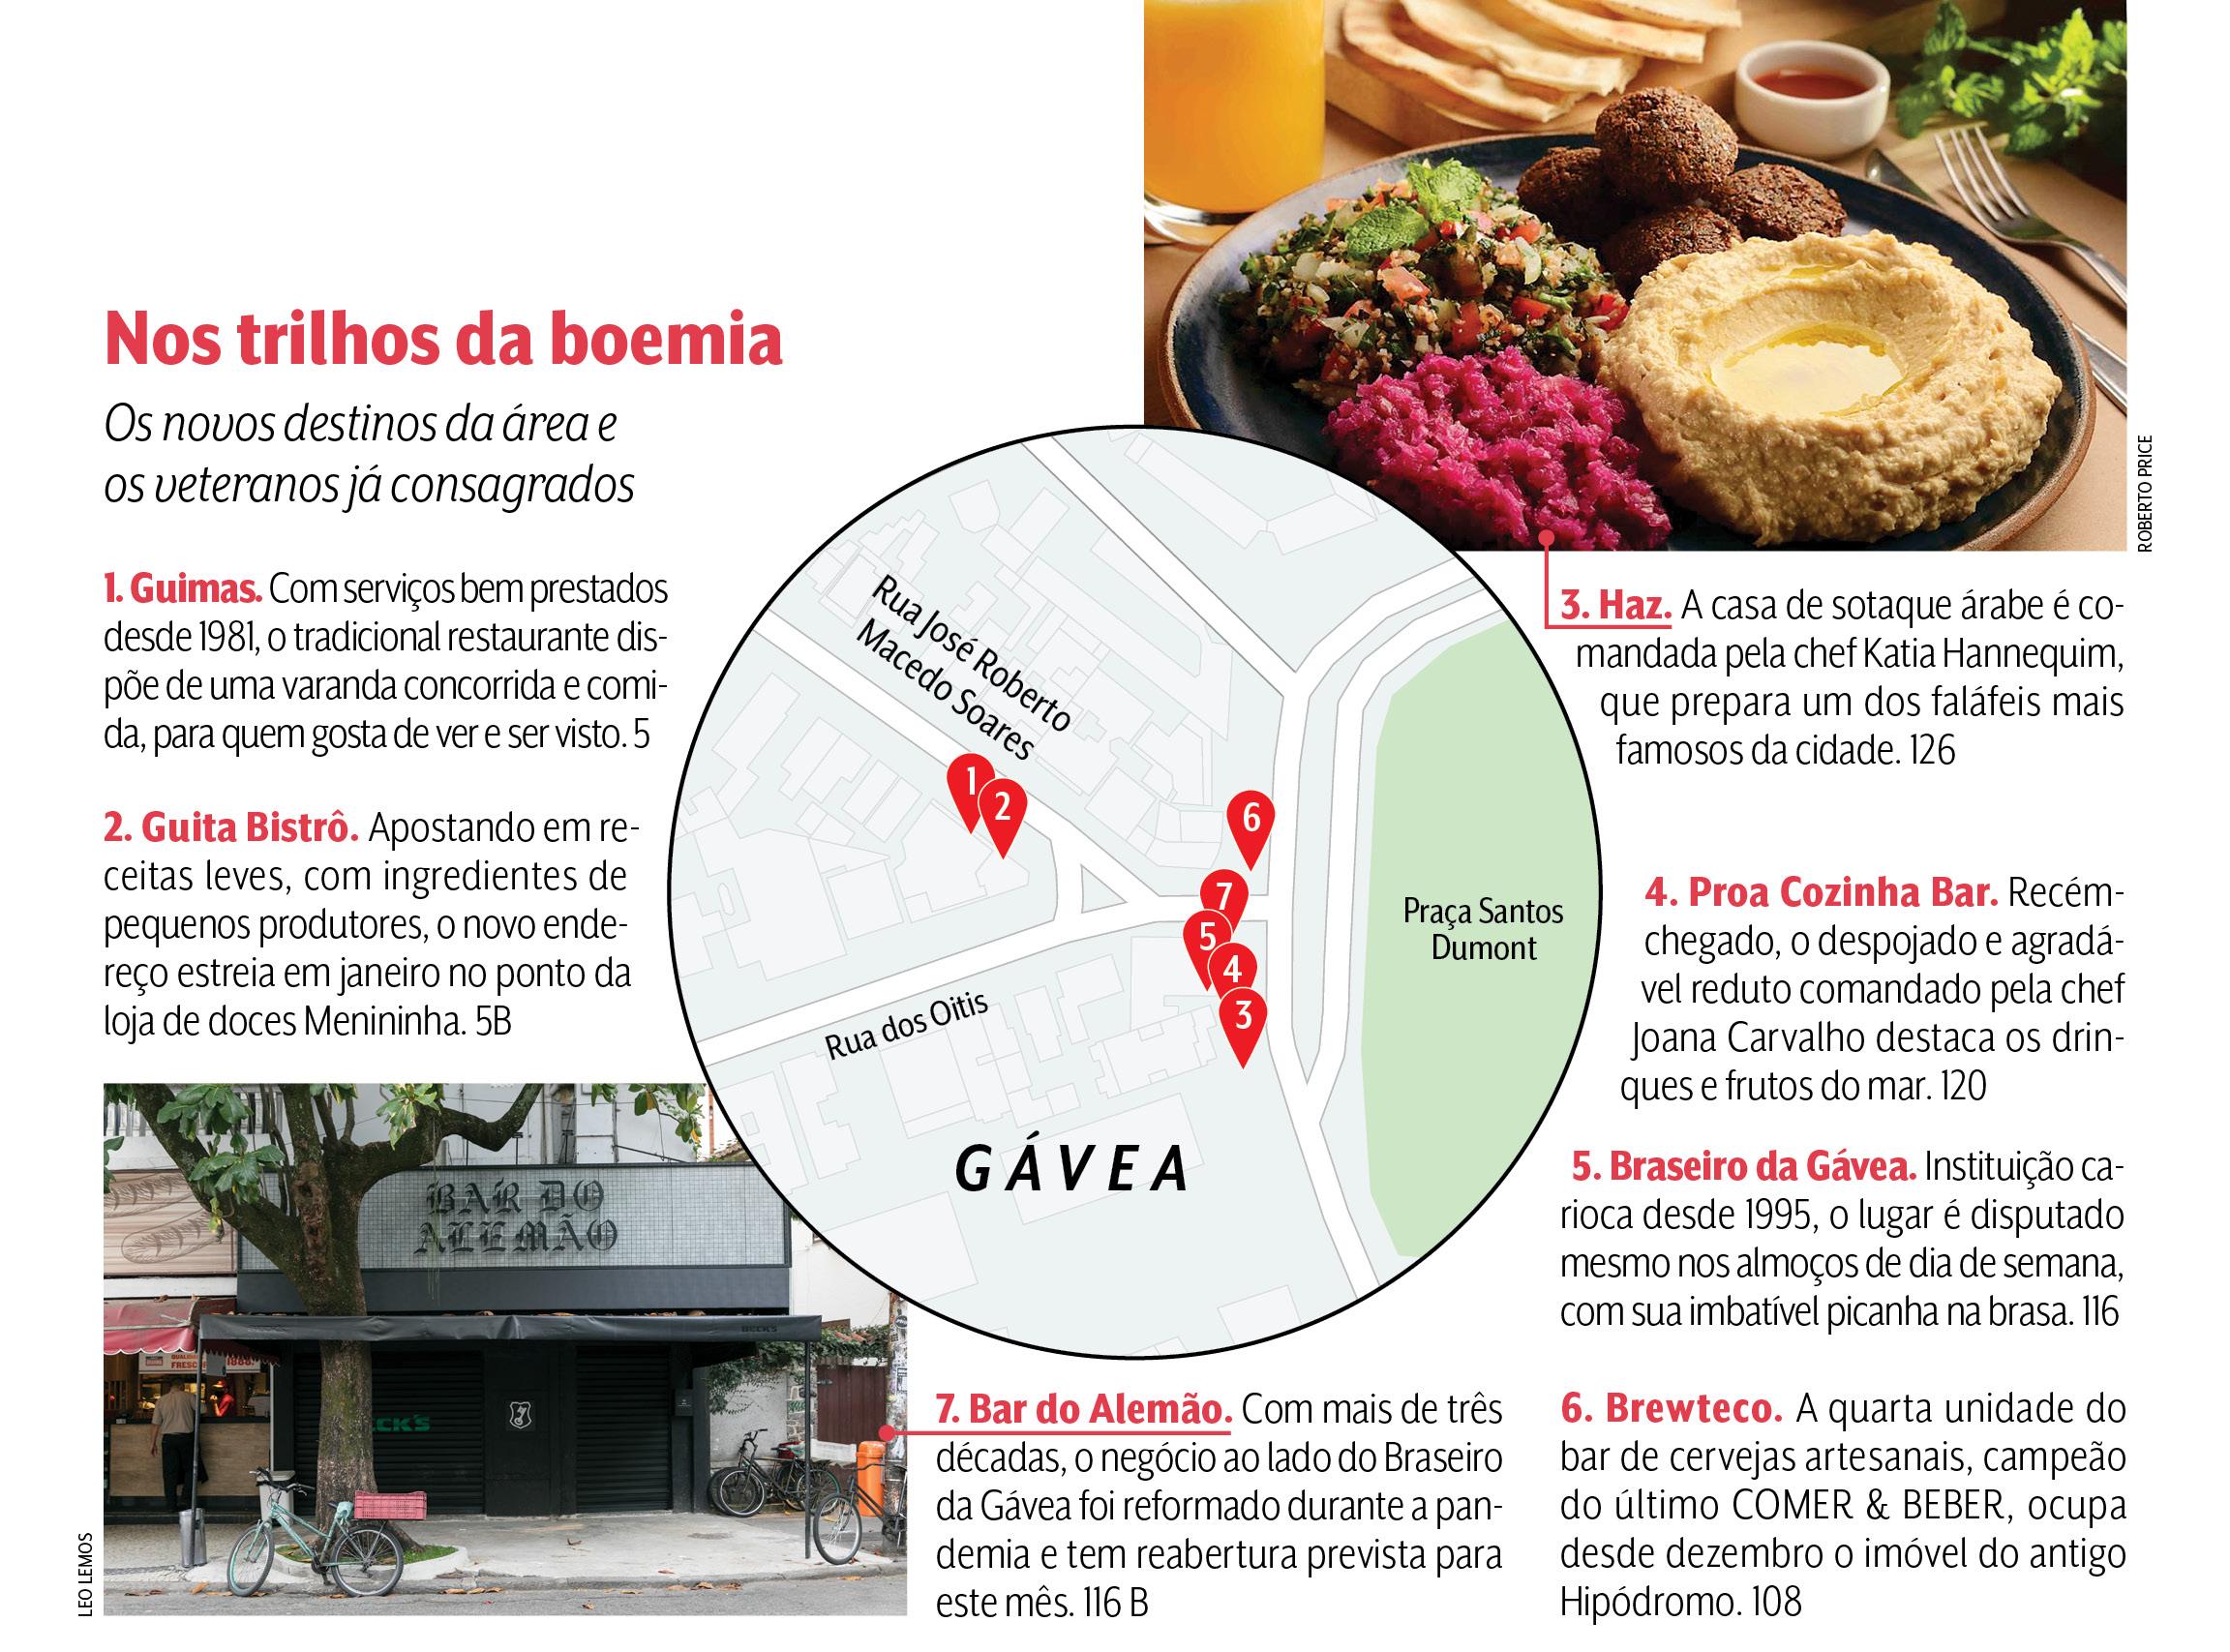 Infográfico mostrando os principais endereços de comida e de bebida do Baixo Gávea